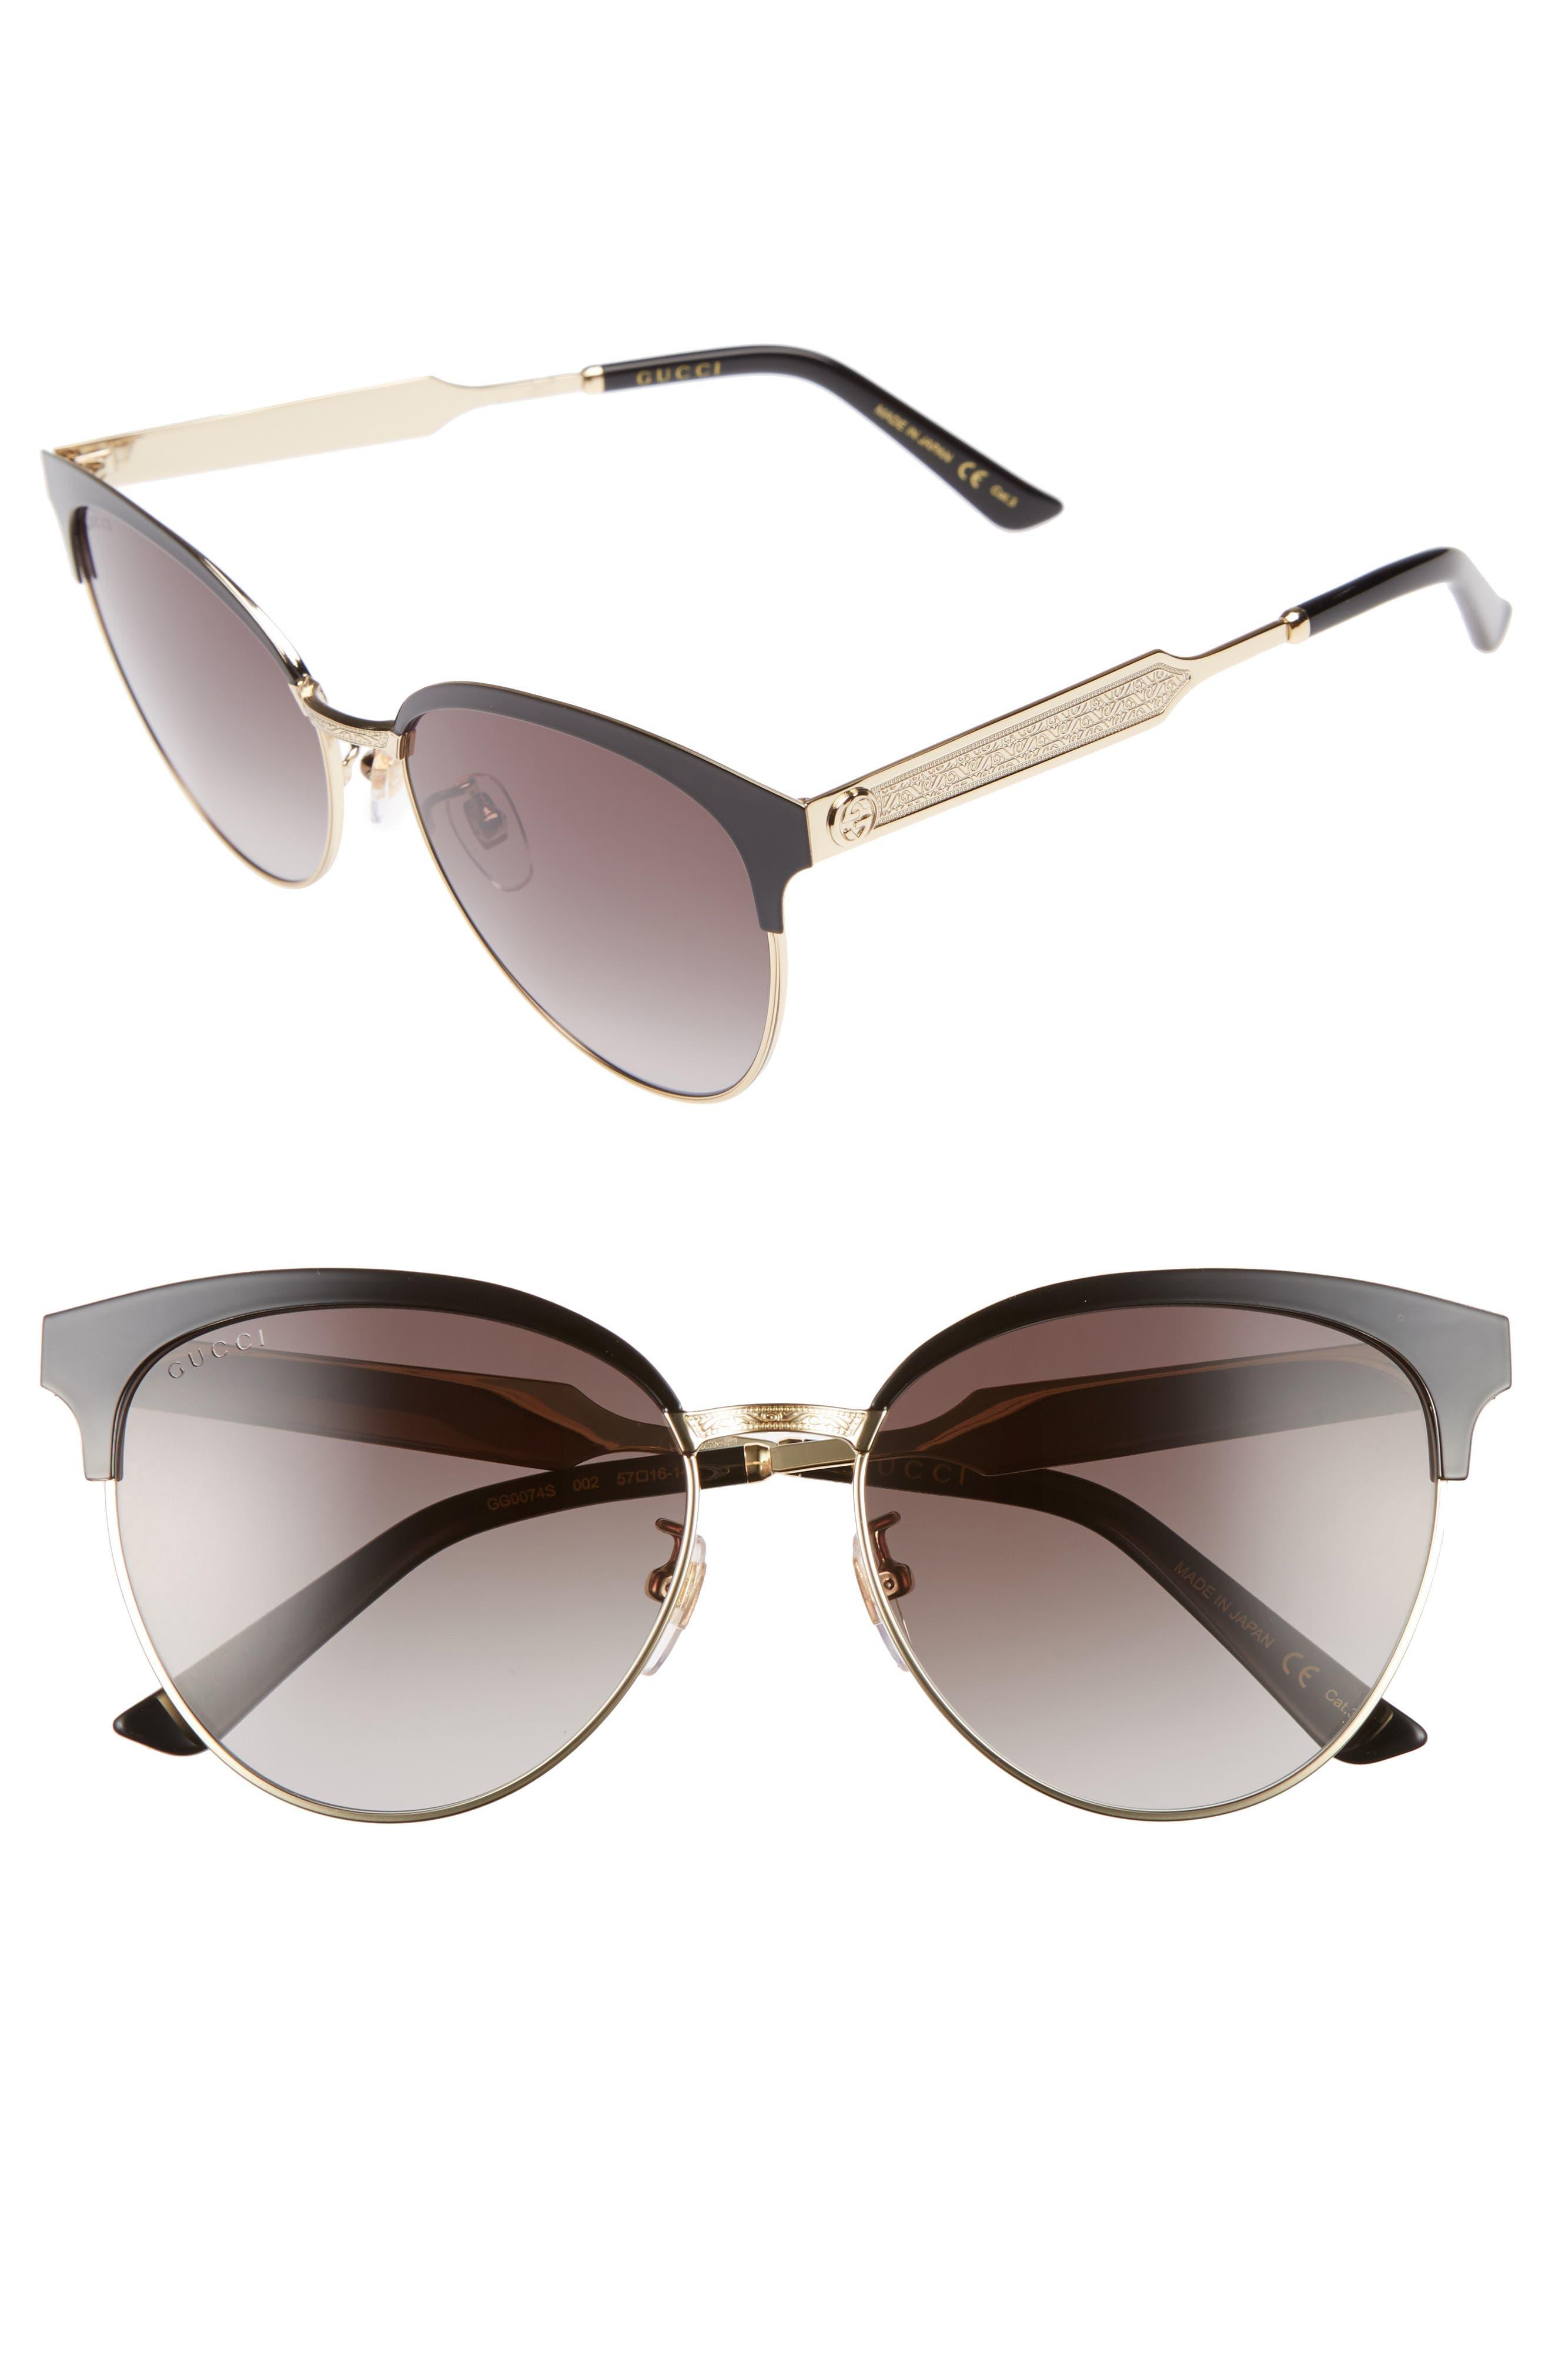 57mm Retro Sunglasses,                         Main,                         color, 001